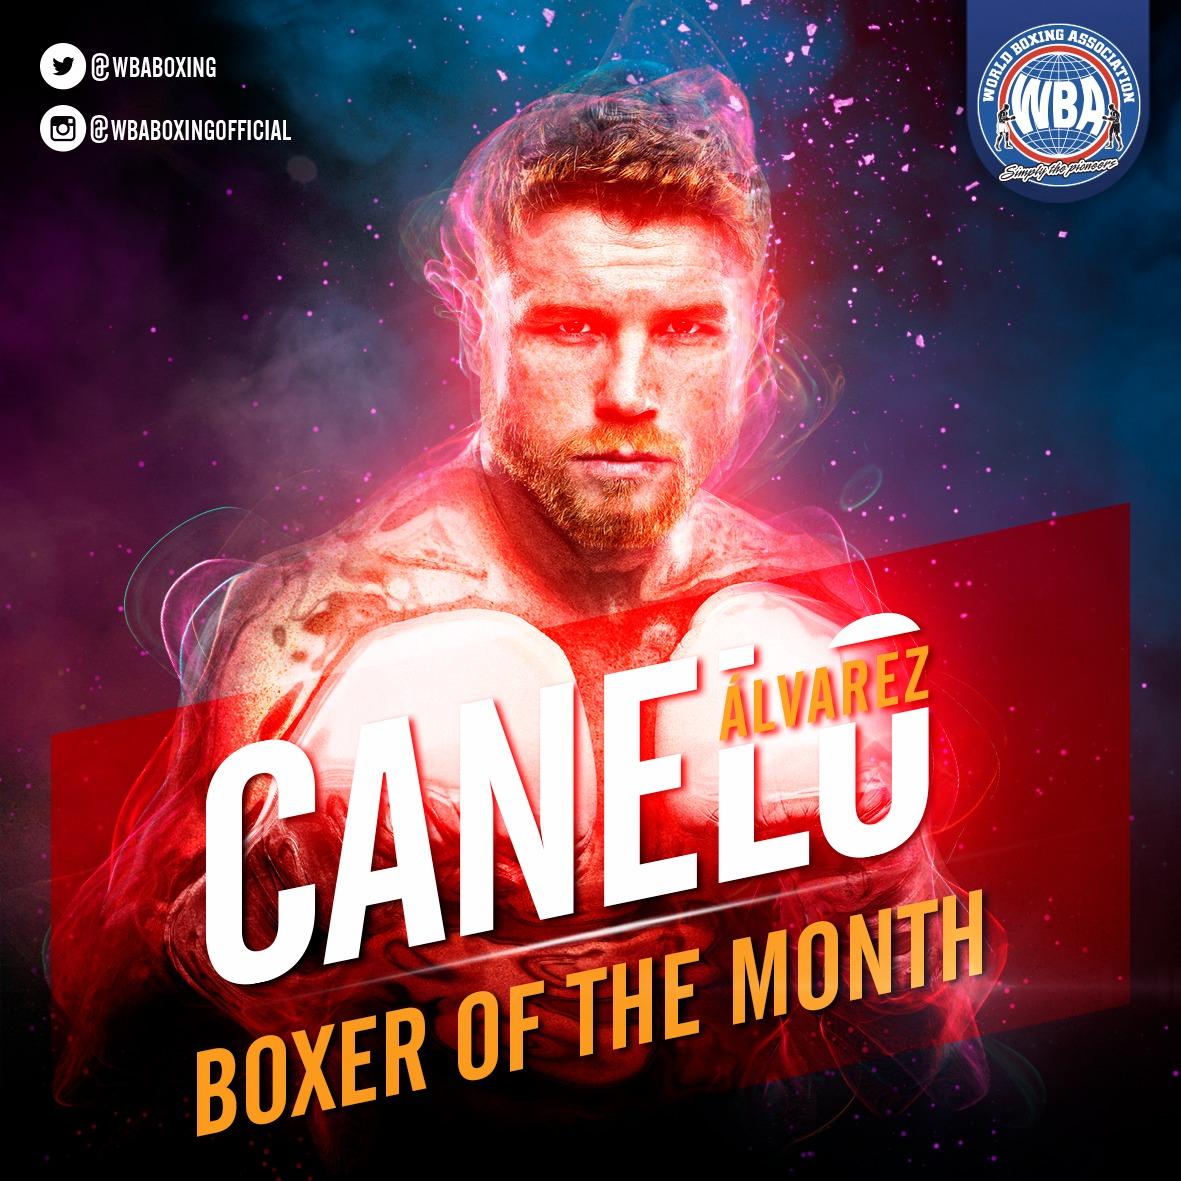 Canelo Álvarez– Boxeador del mes de mayo 2019